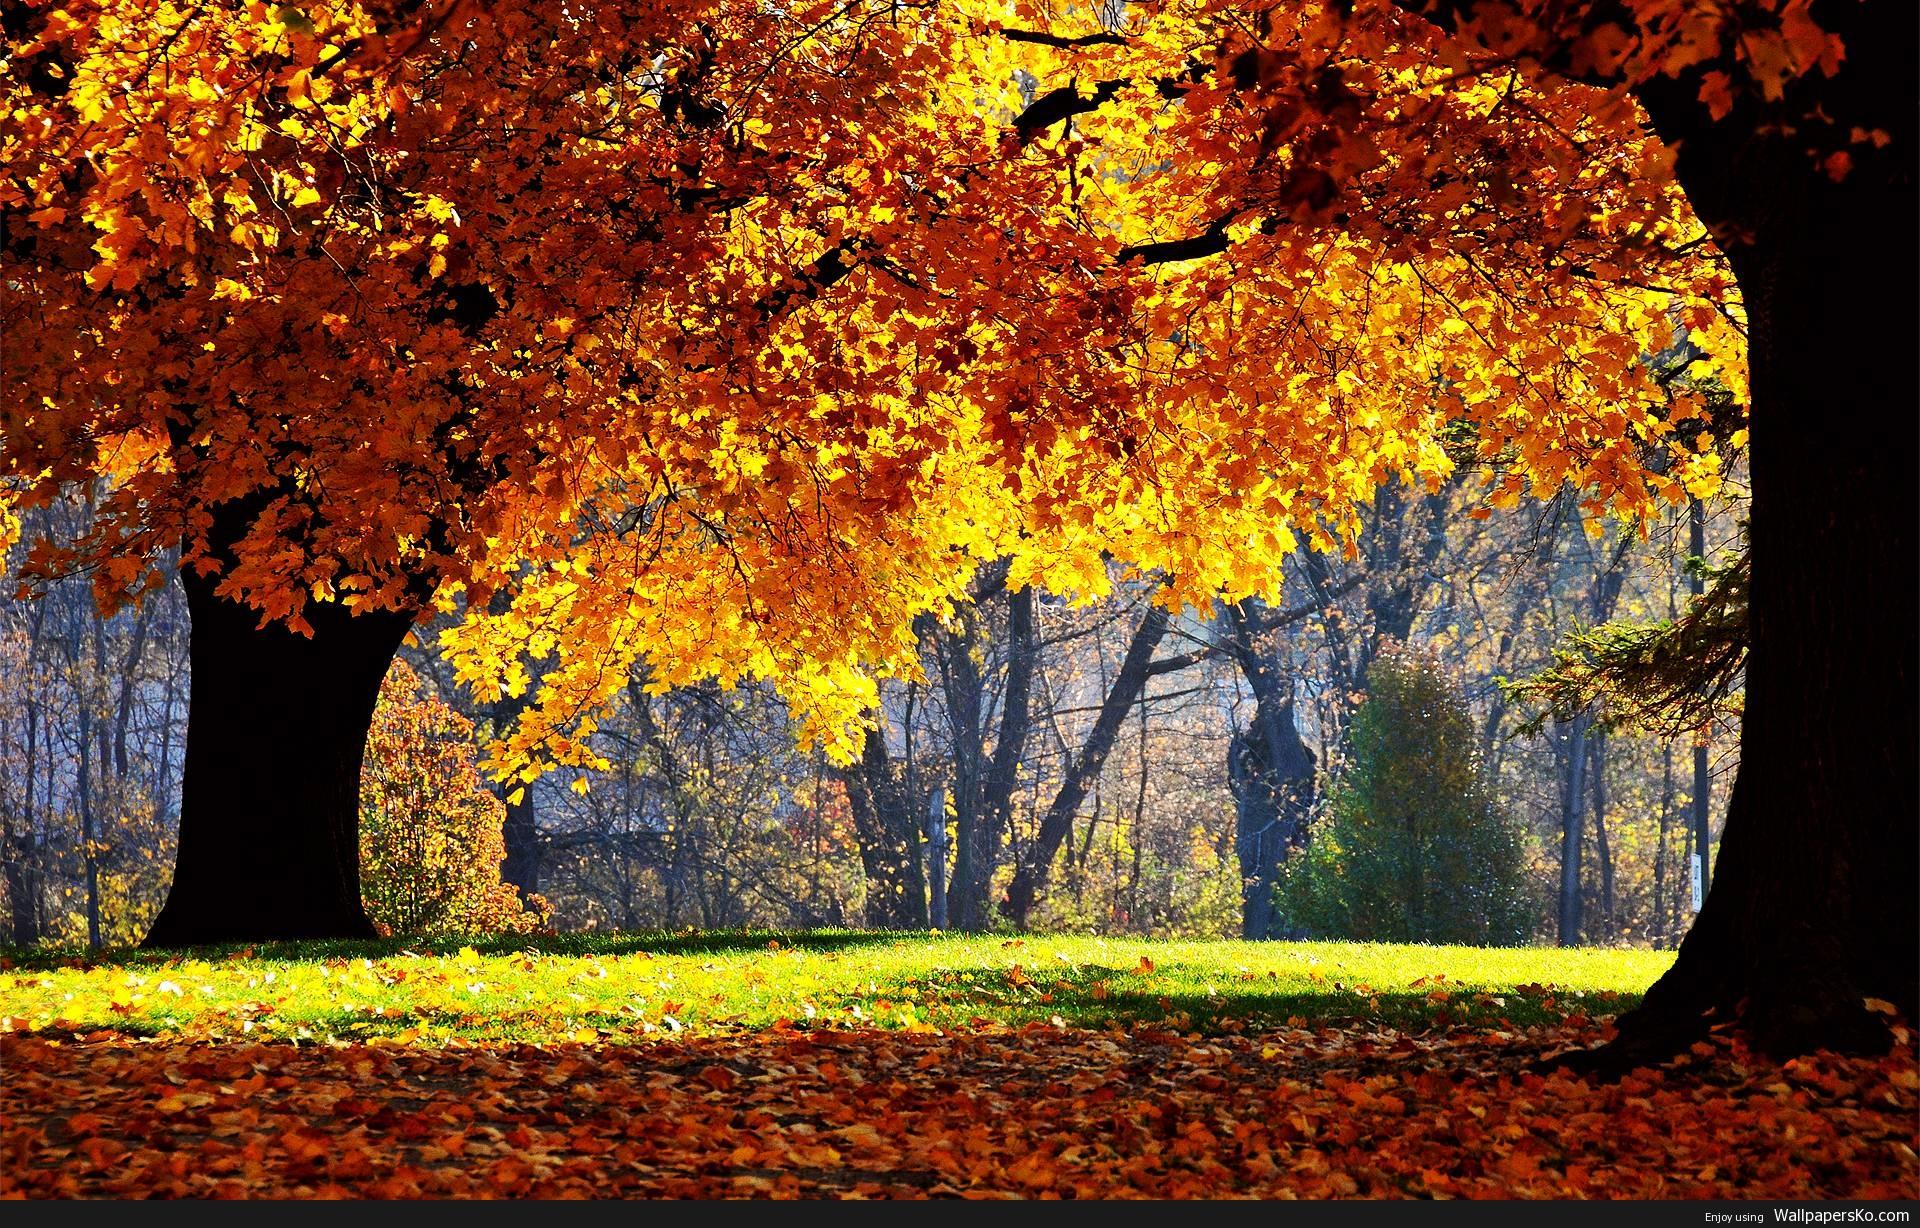 Fall Desktop Image